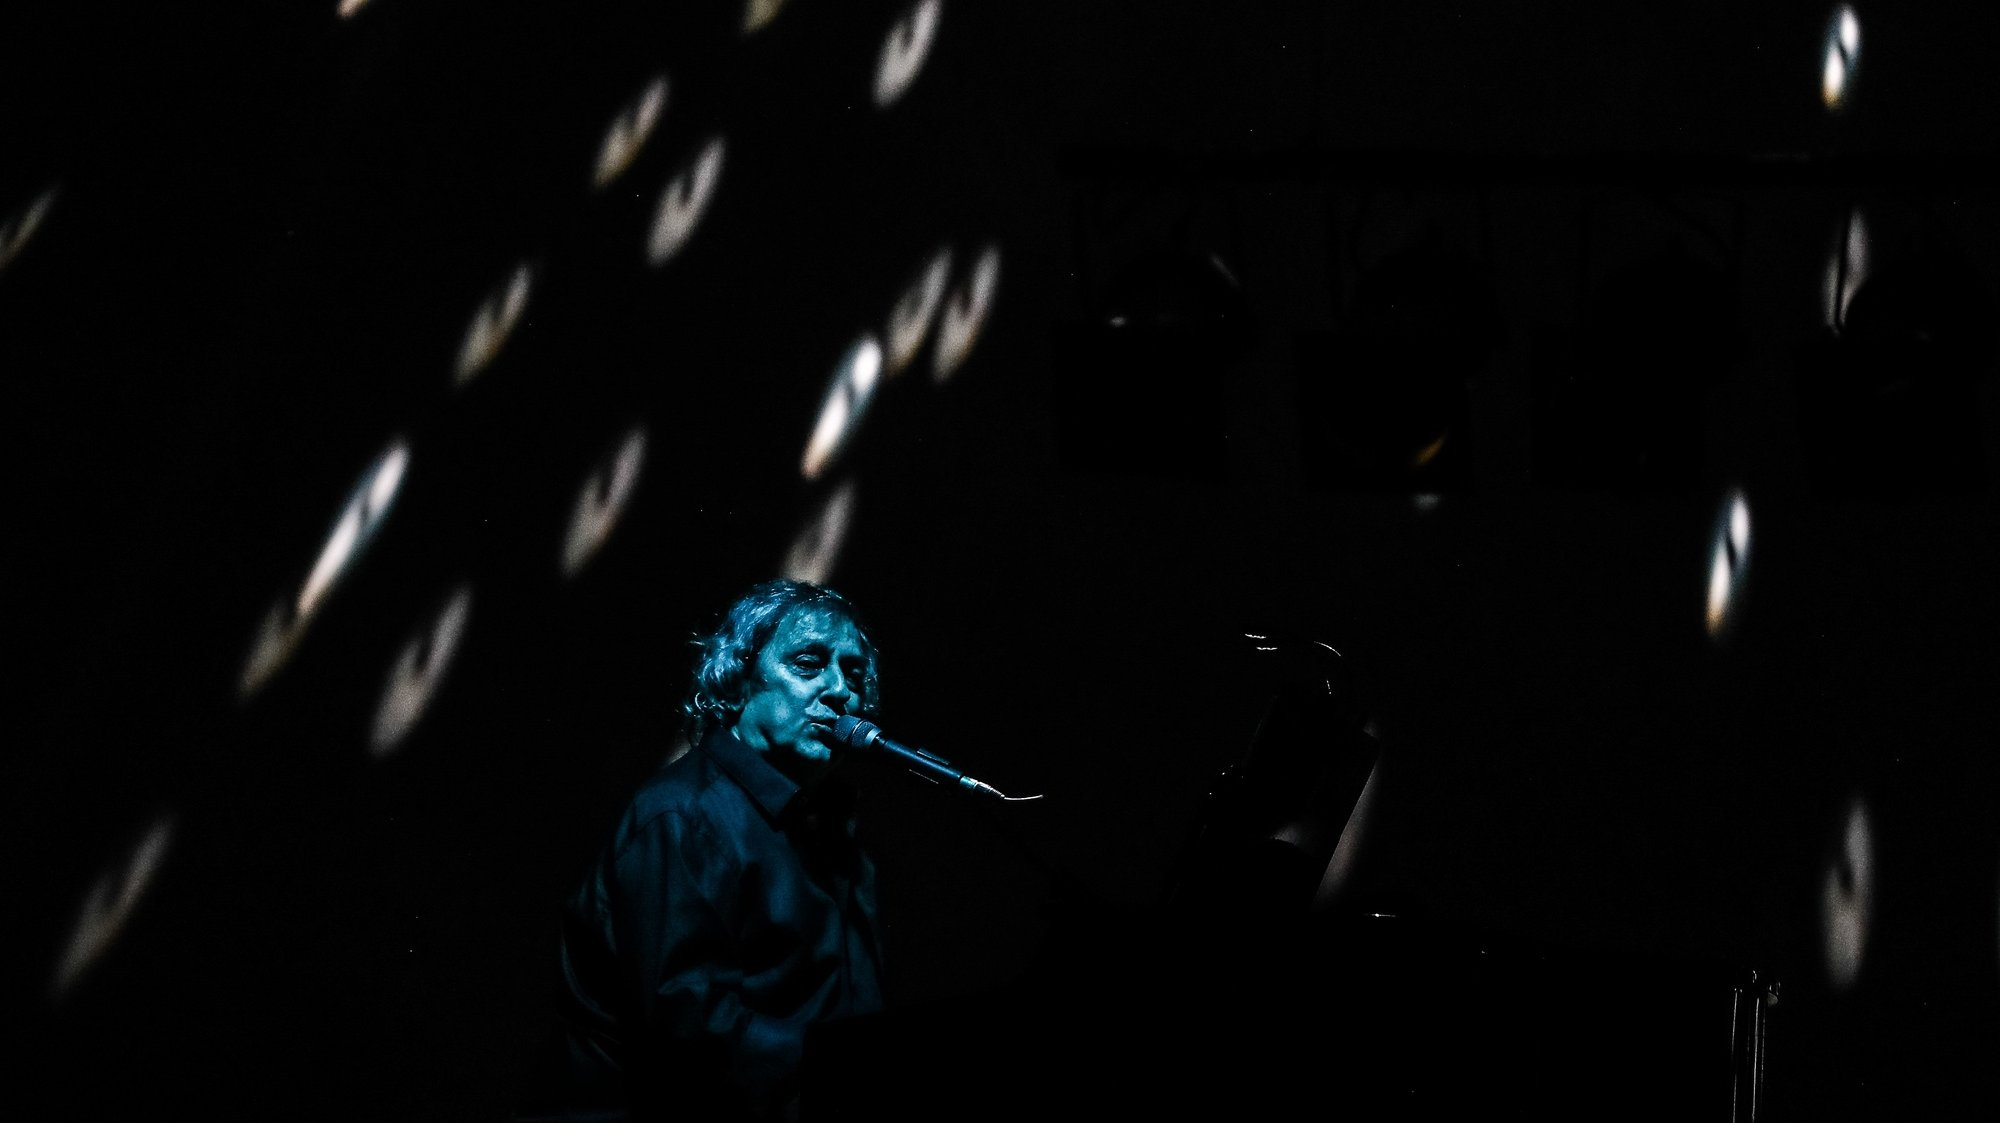 """Jorge Palma durante o concerto de encerramento da digressão """"Expresso do Outono"""", no Centro de Artes e Espetáculos da Figueira da Foz, 15 de dezembroo de 2019. (ACOMPANHA TEXTO).  PAULO NOVAIS/LUSA"""